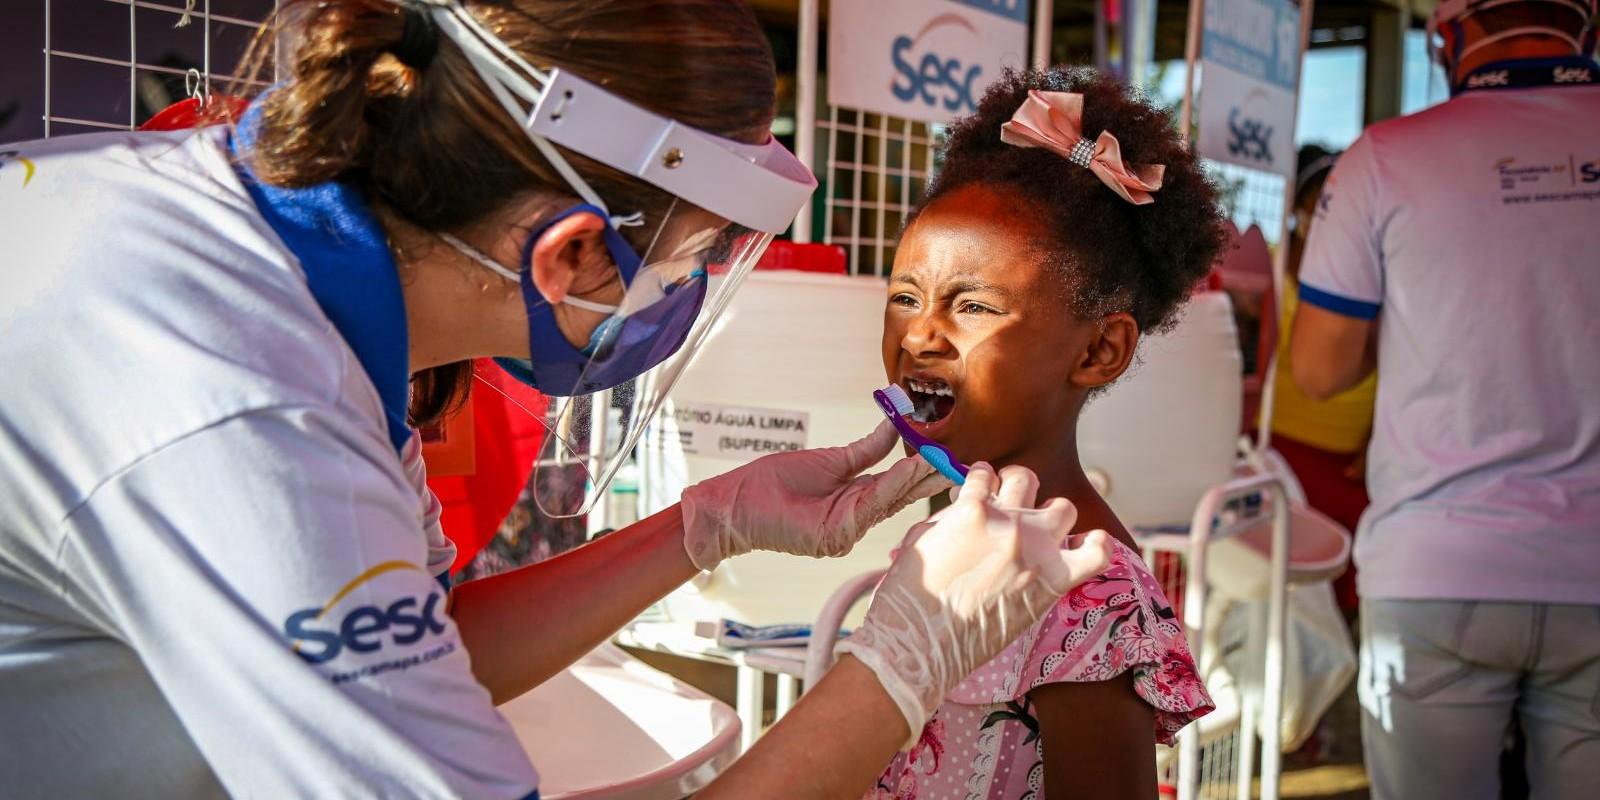 Sesc Amapá e Cruz Vermelha Brasileira - Assinatura Termo de Cooperação e Ação na Comunidade Quilombola Mel da Pedreira